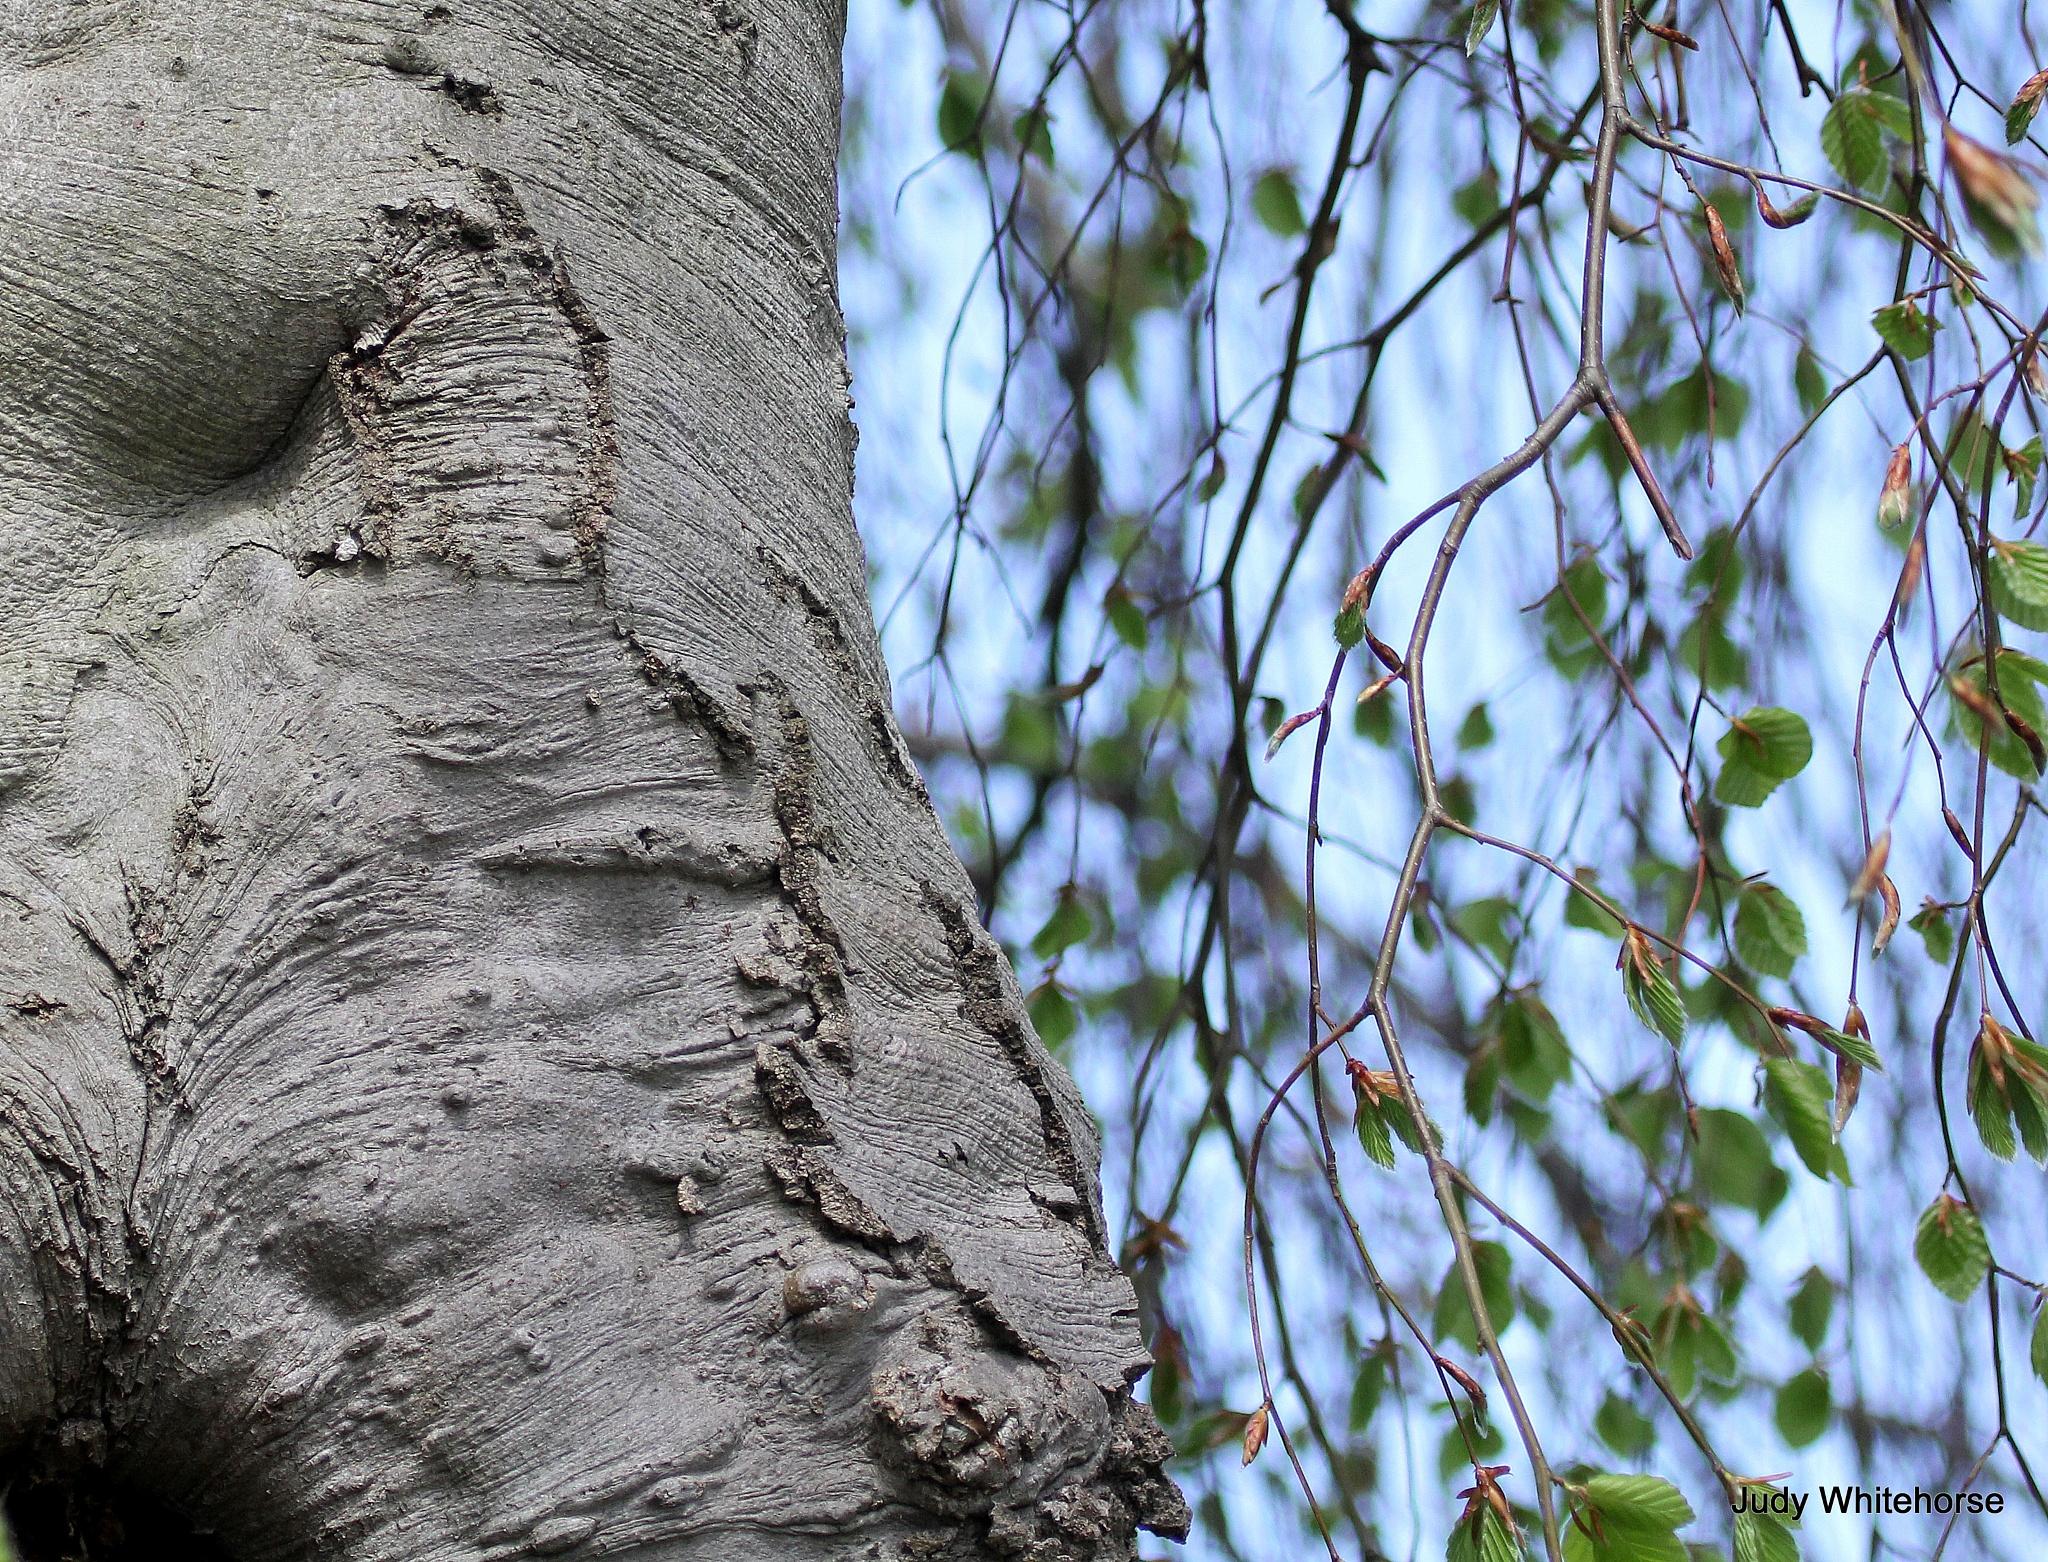 Sleeping Wood Creature by tarotdog